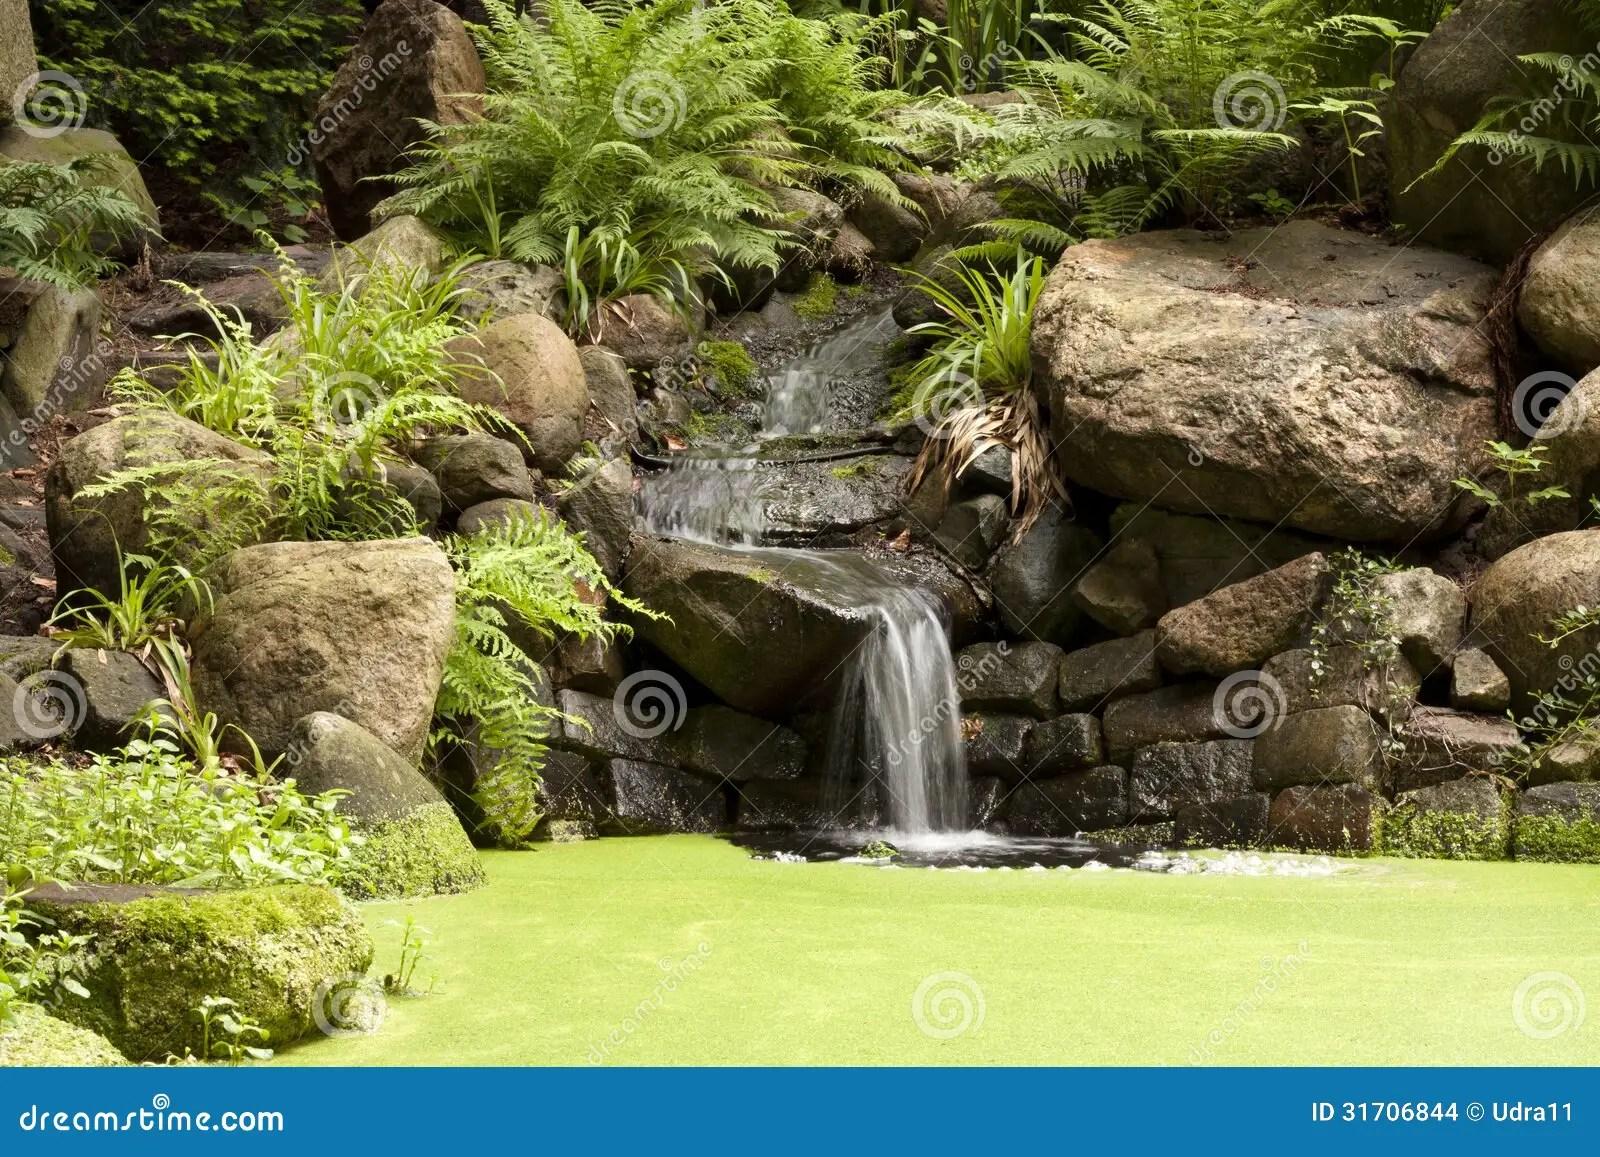 Waterval In Tuin : Tuin waterval tuin van tulpen en waterval stock foto afbeelding